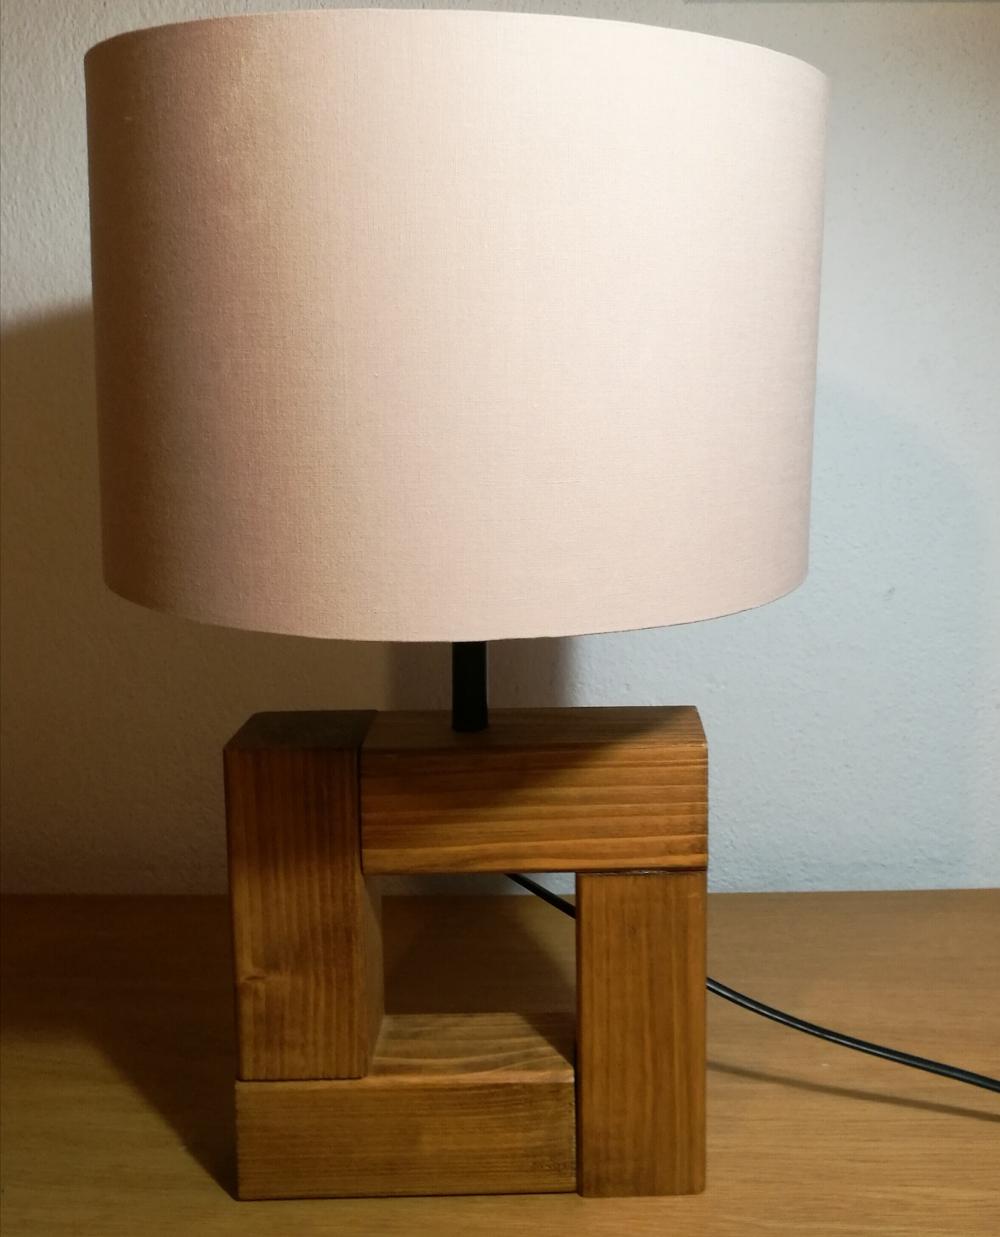 béžové stínítko na lampičku